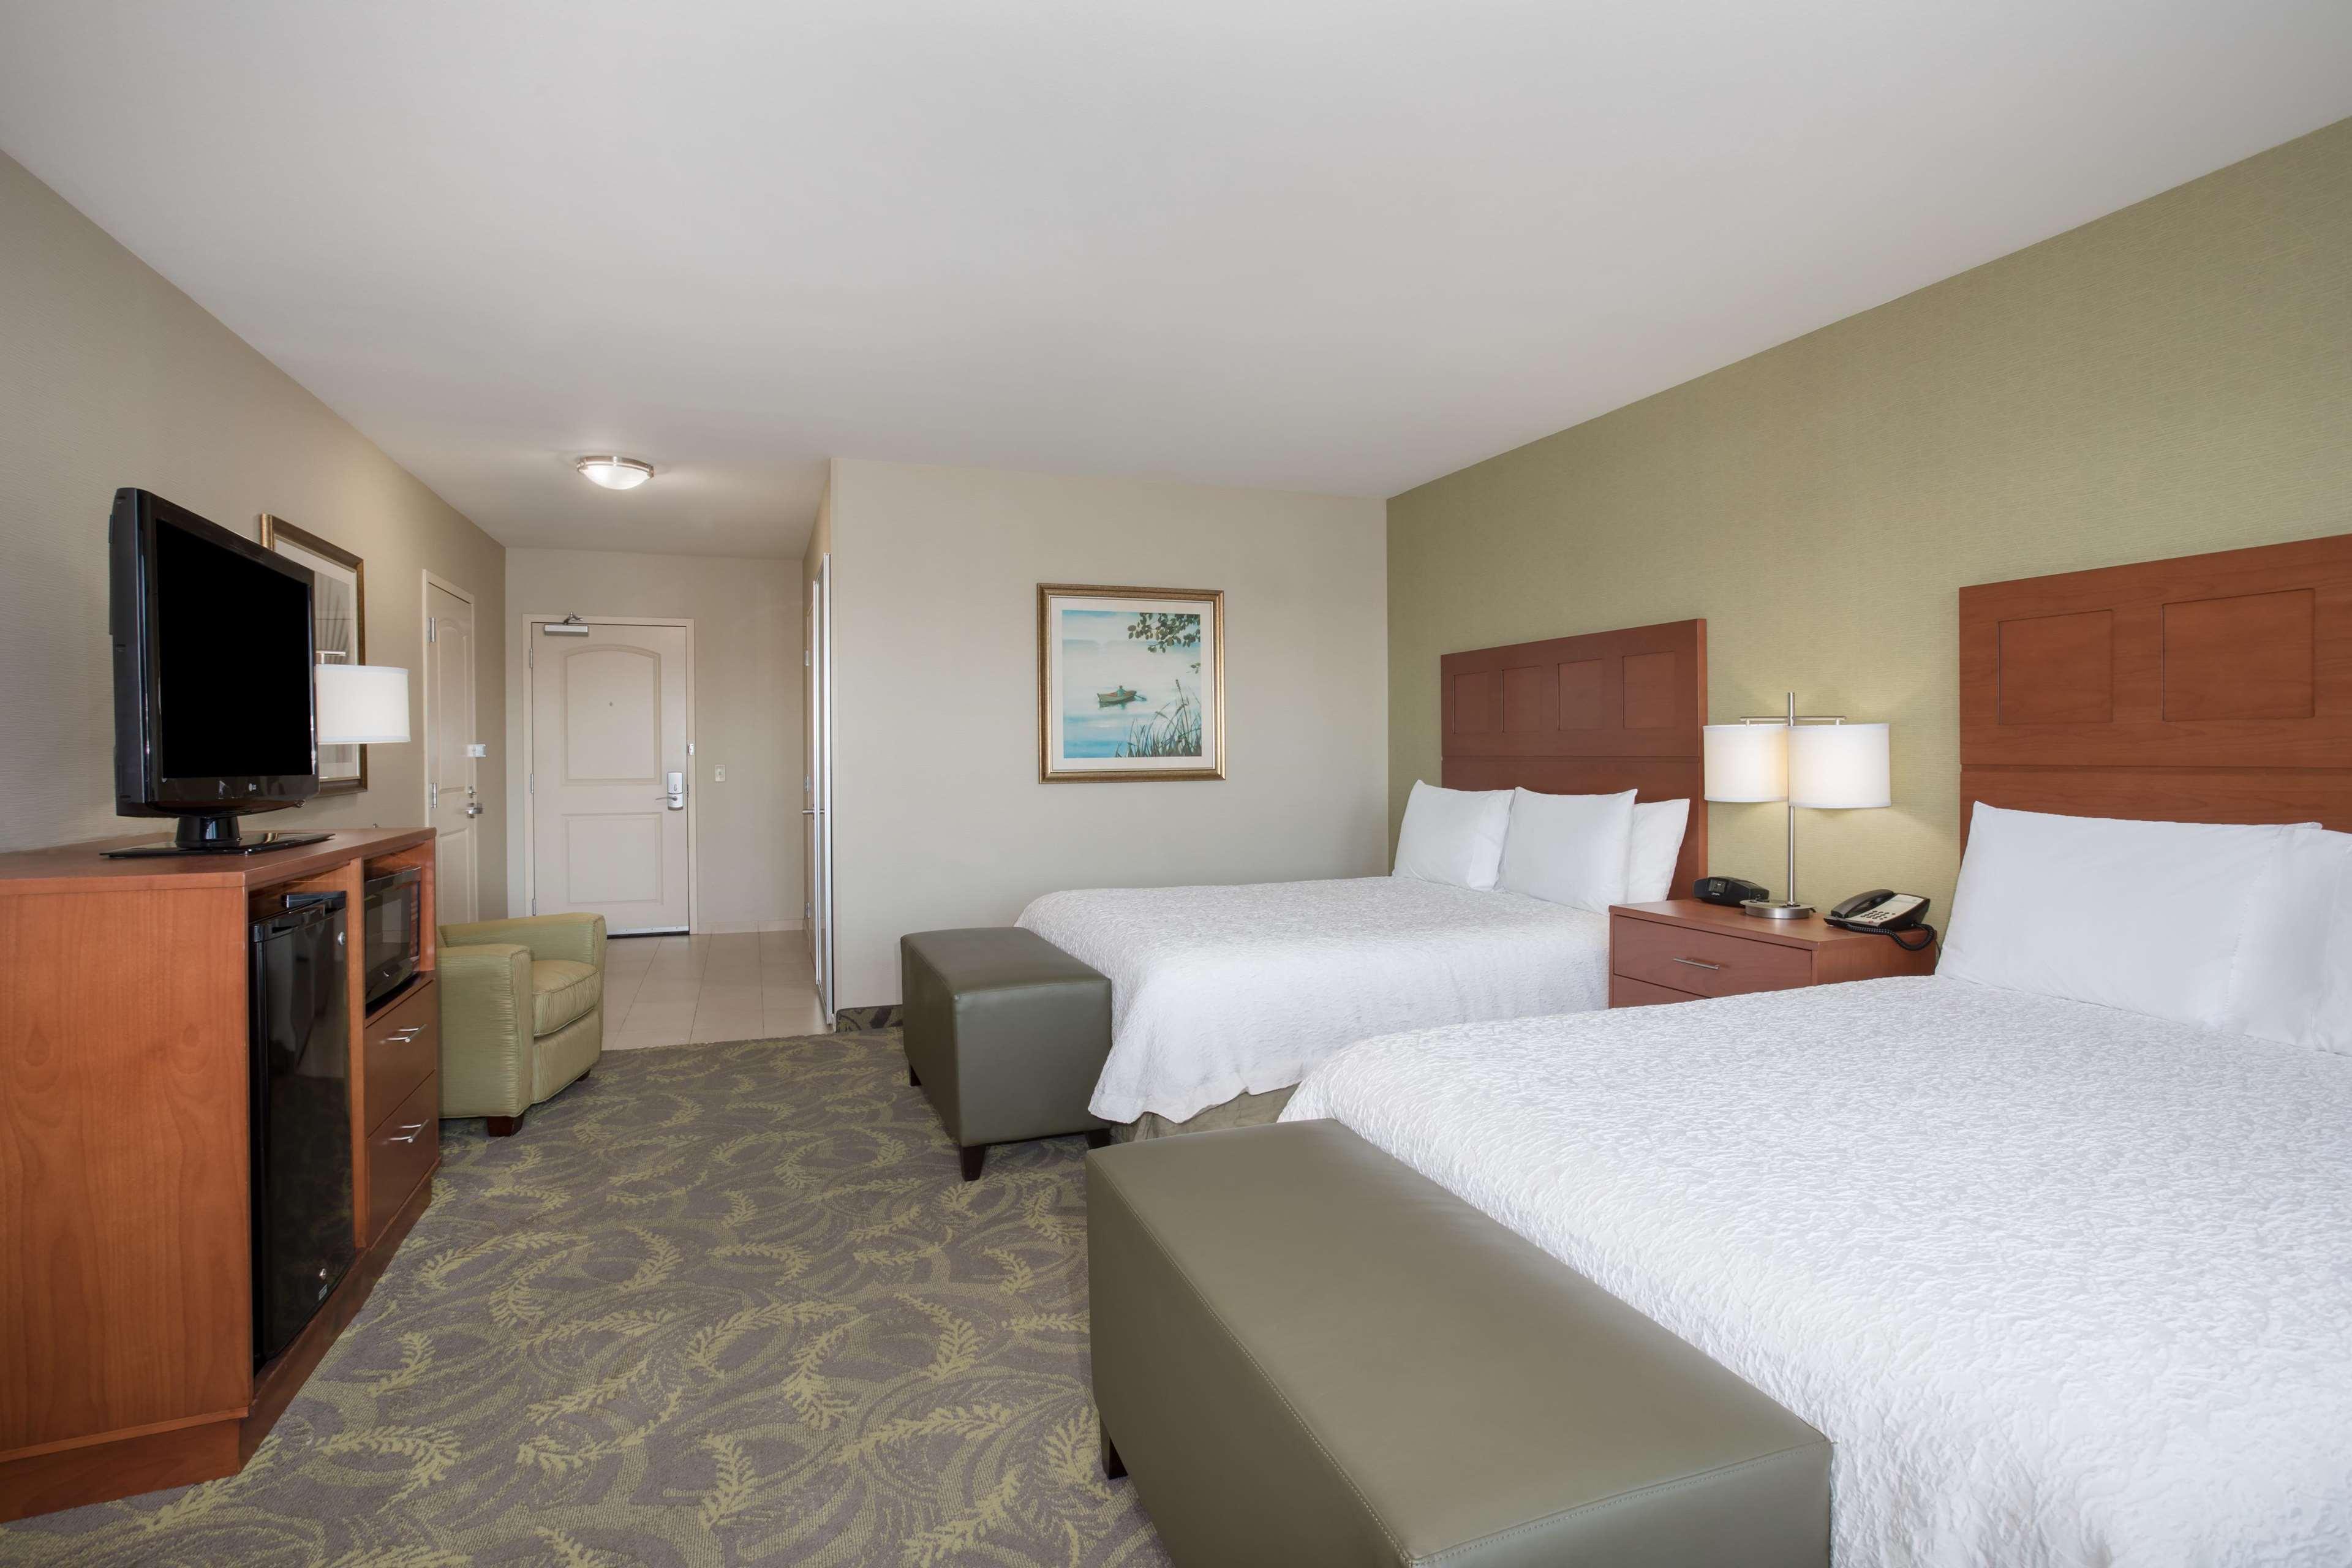 Hampton Inn & Suites Astoria image 44